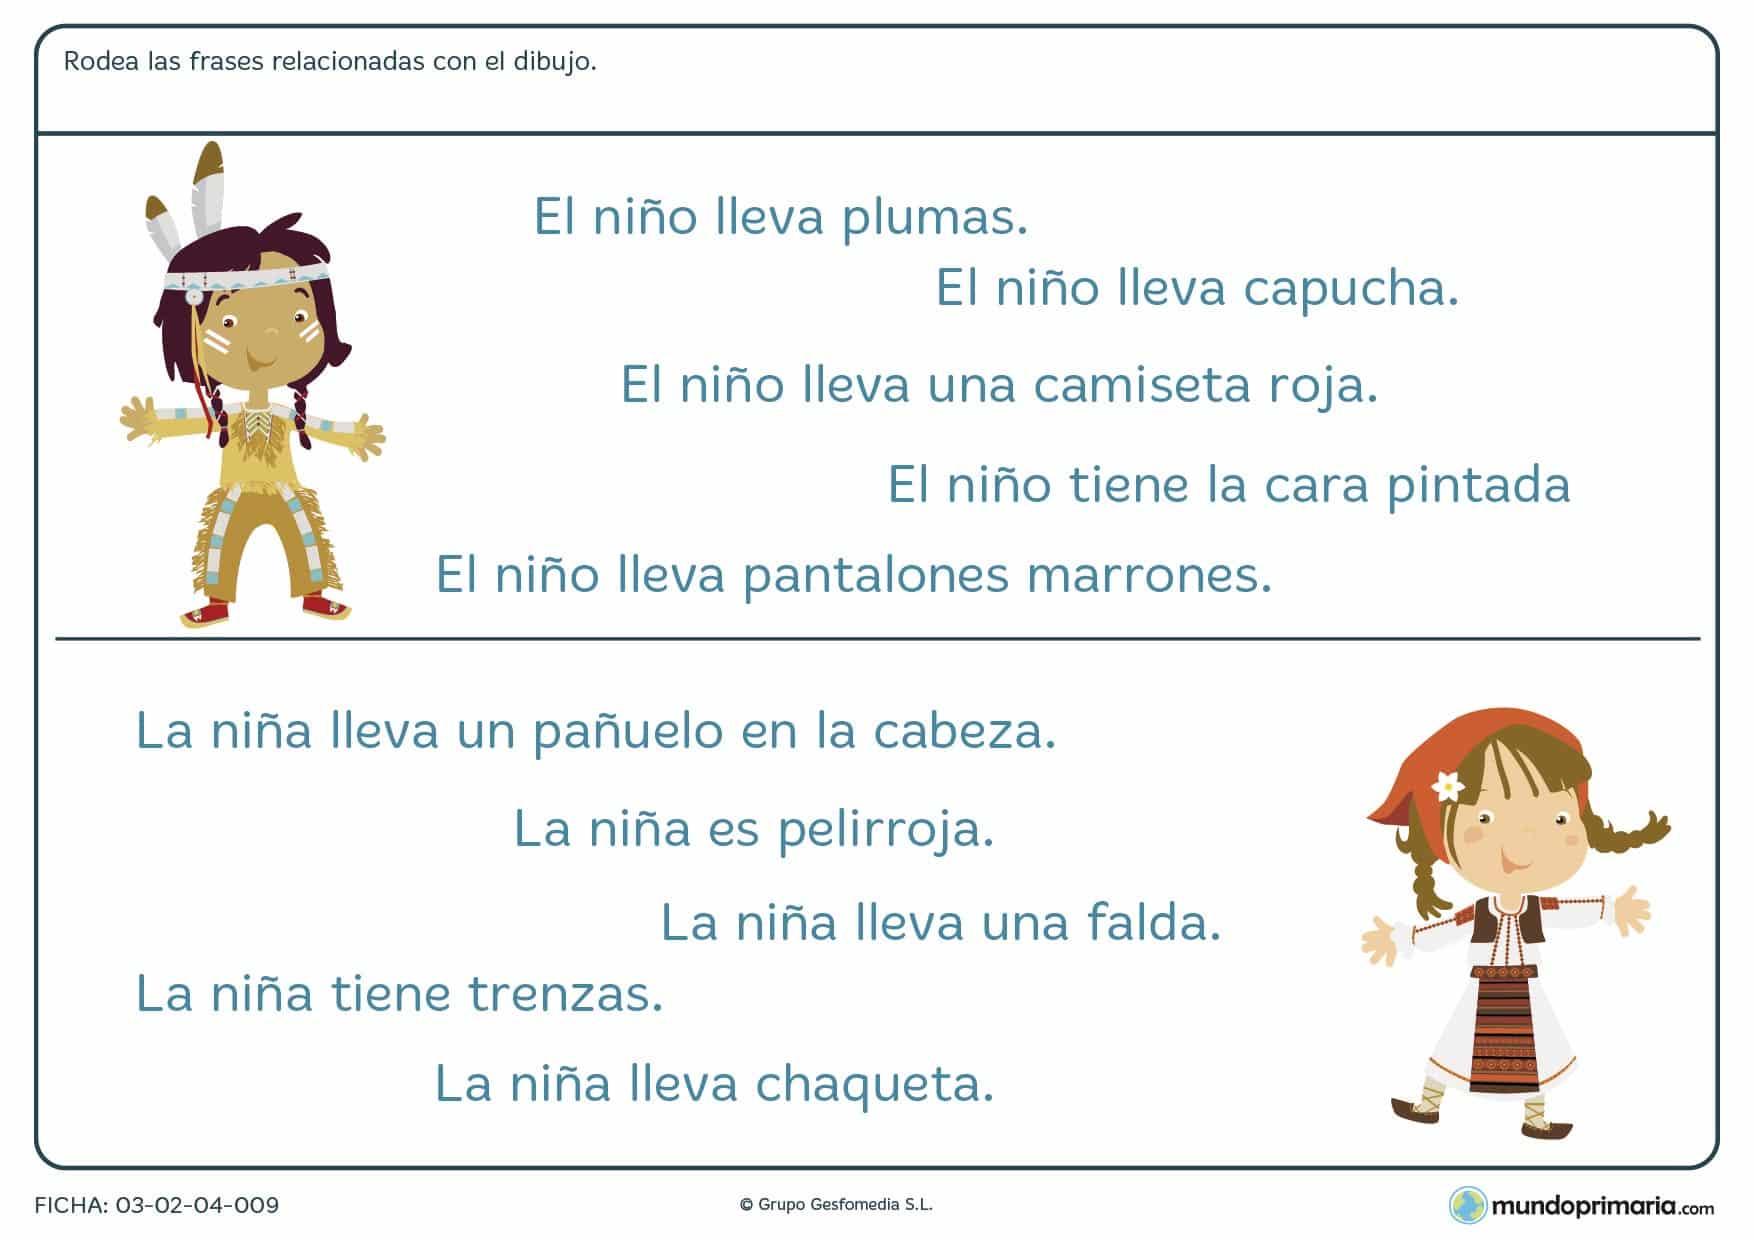 Ficha de unir palabras con imágenes para niños de primaria en la que debes identificar qué frase explica mejor el dibujo dado.